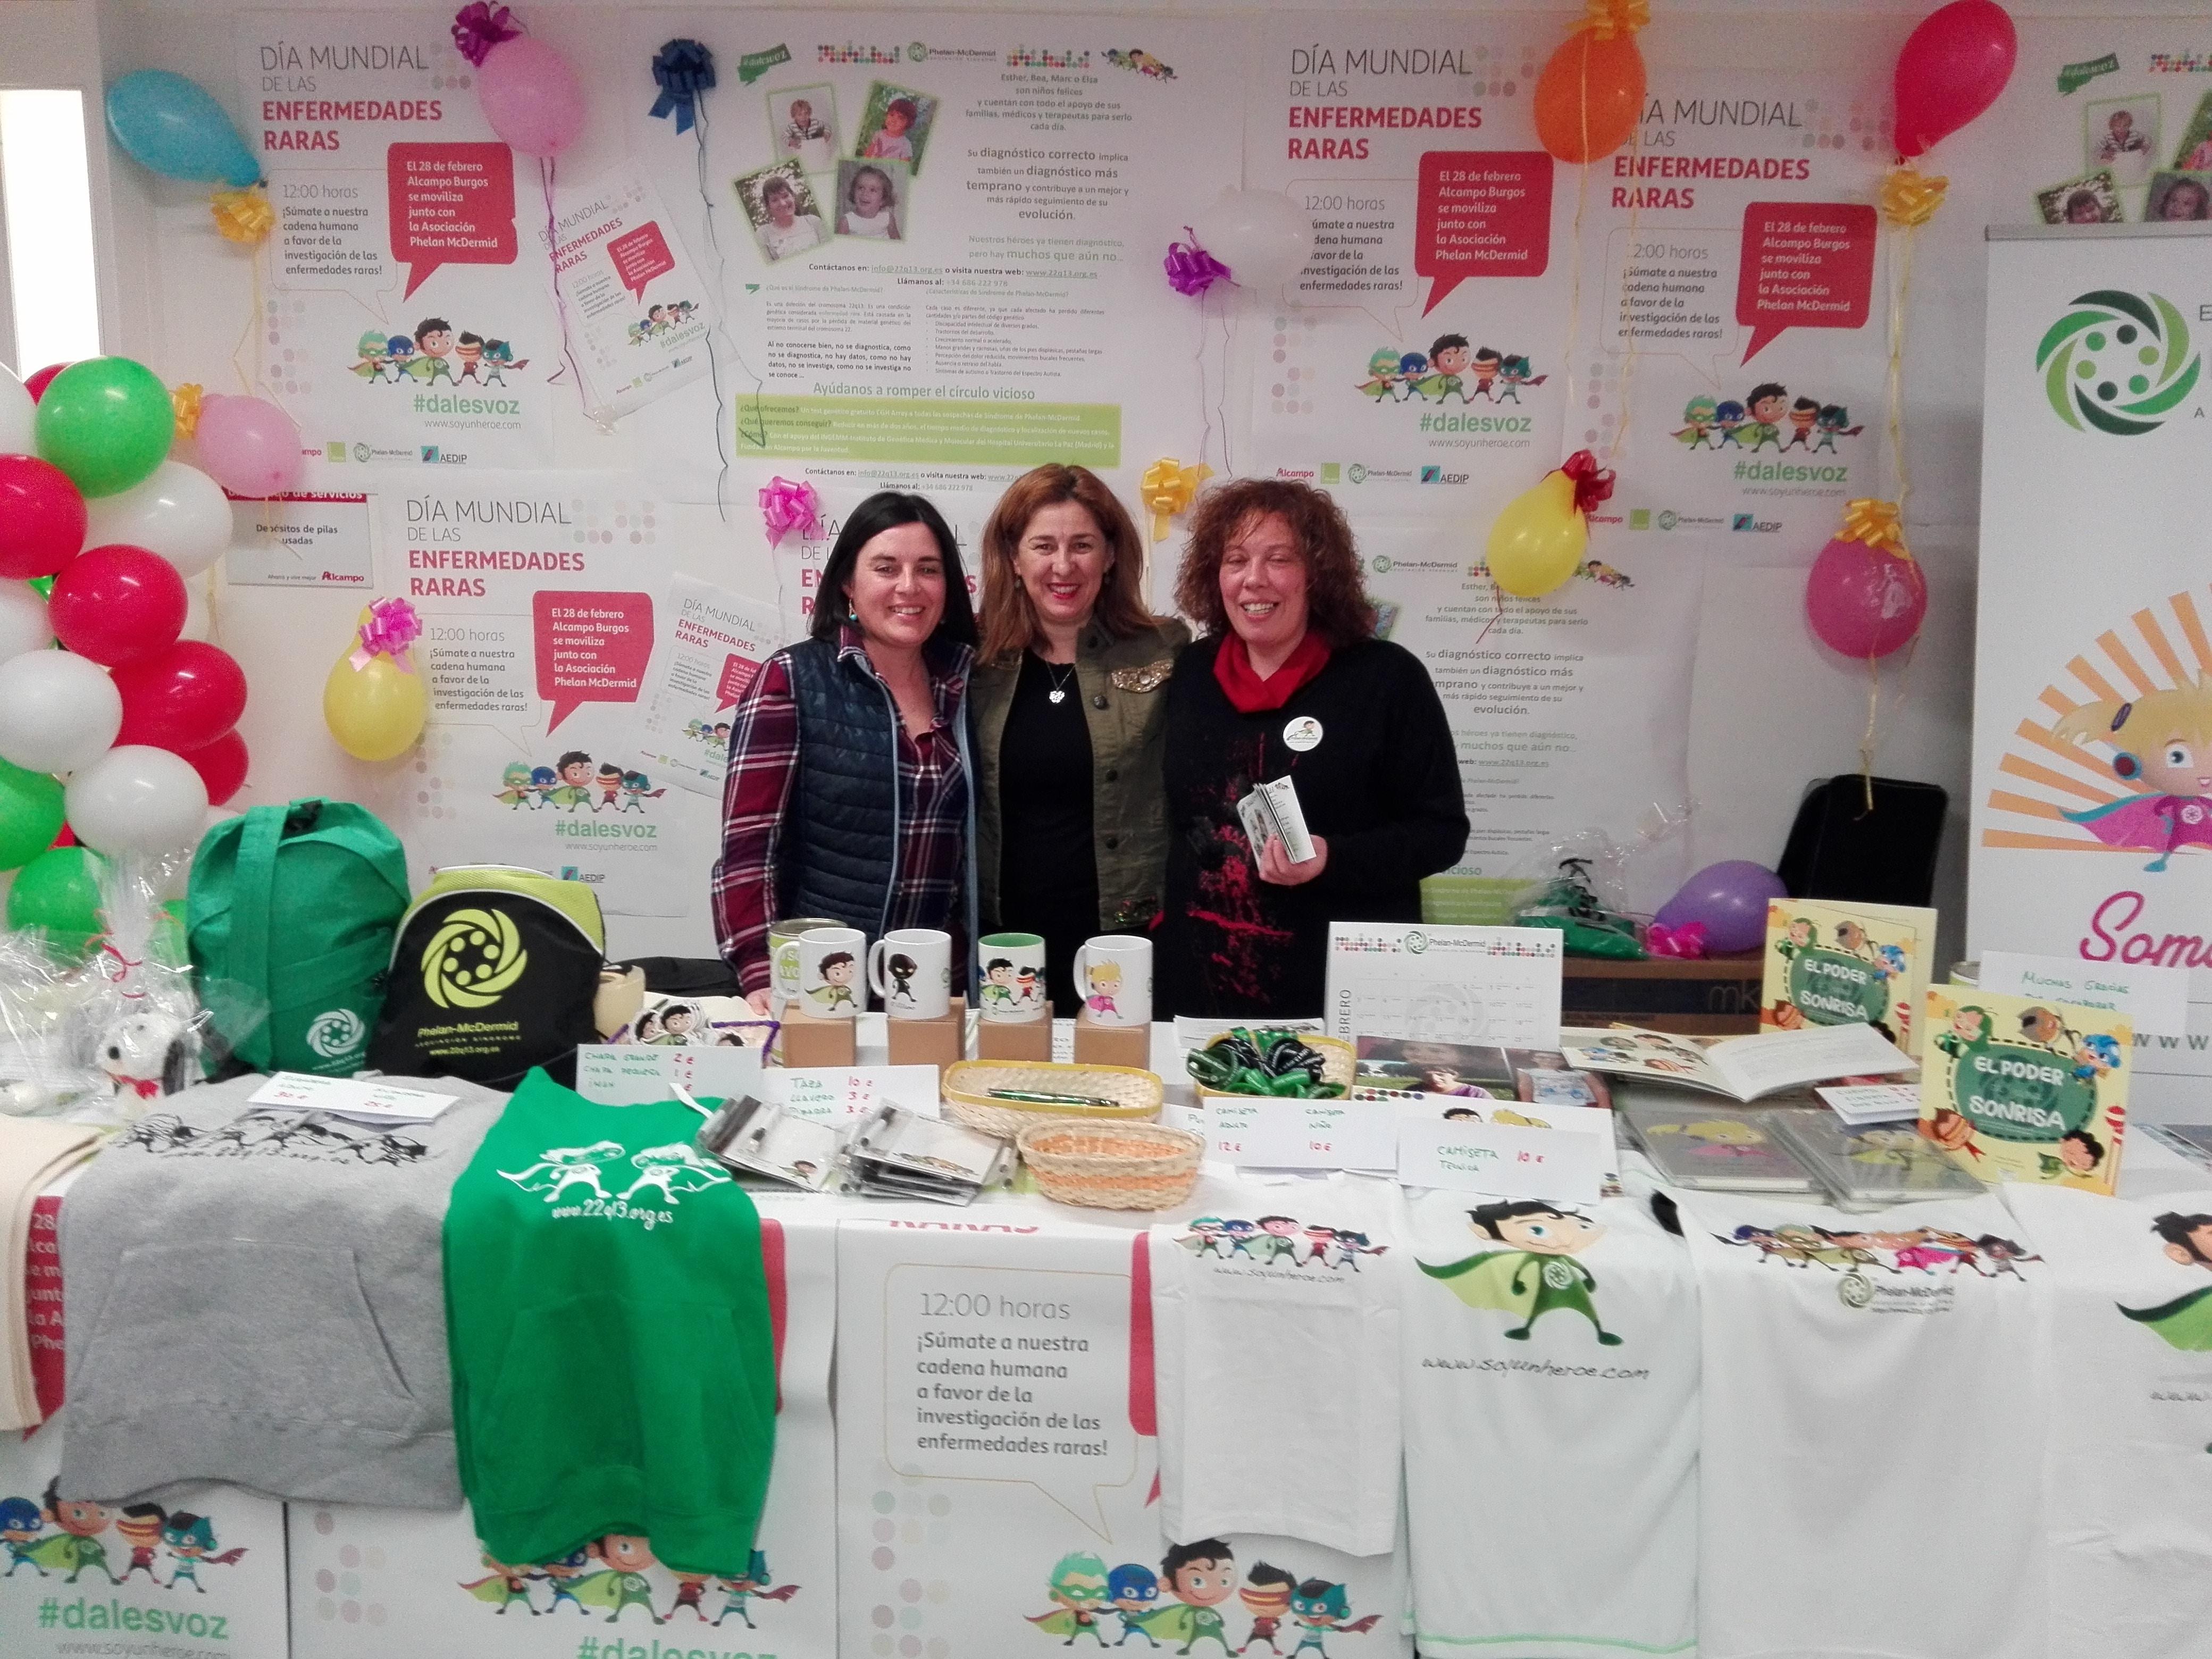 Día Mundial de las Enfermedades Raras en Burgos